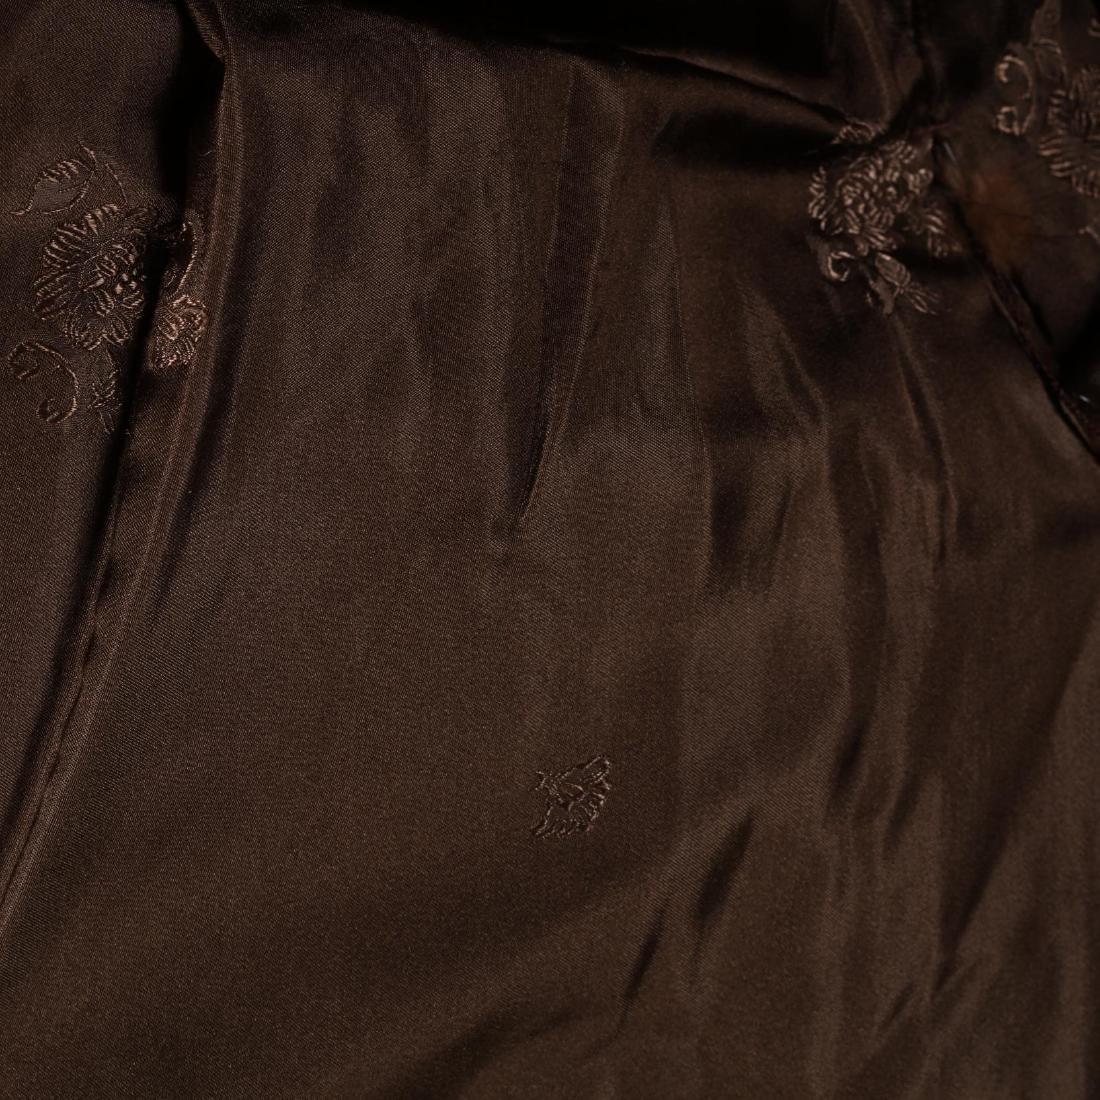 Vintage Ladies Mink Coat - 4